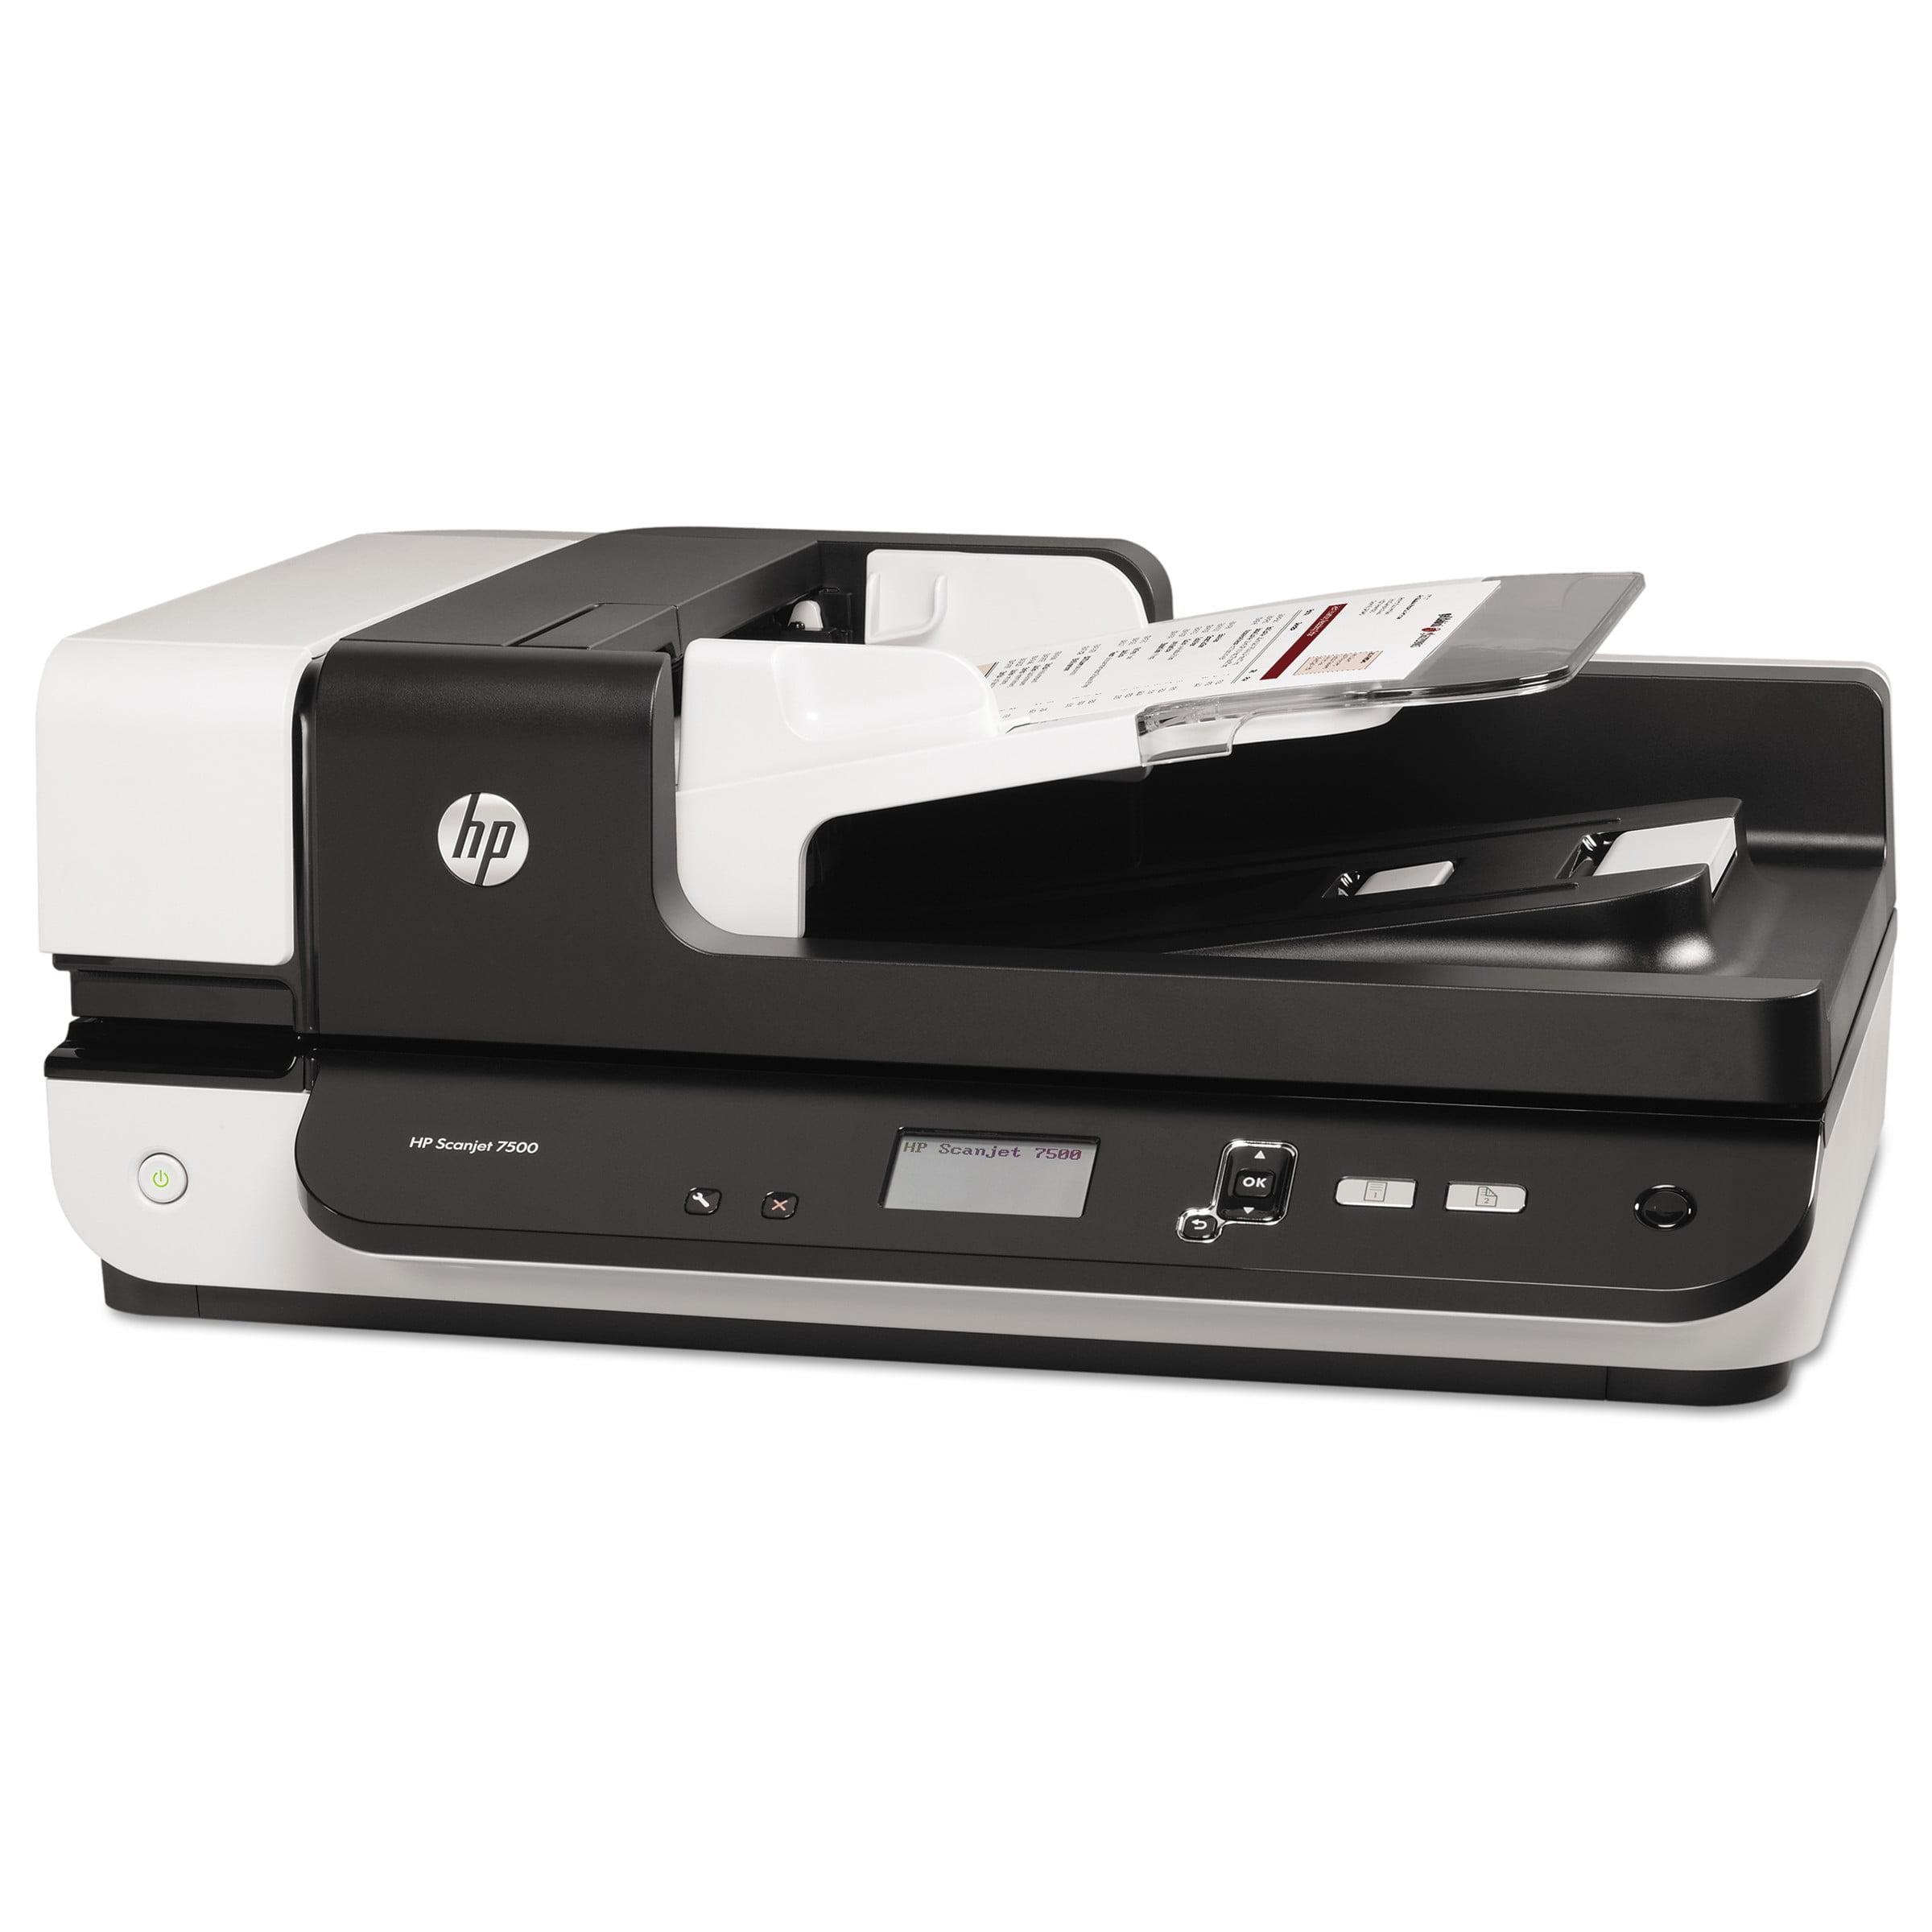 HP Scanjet Enterprise 7500 Flatbed Scanner, 600 x 600 dpi -HEWL2725B